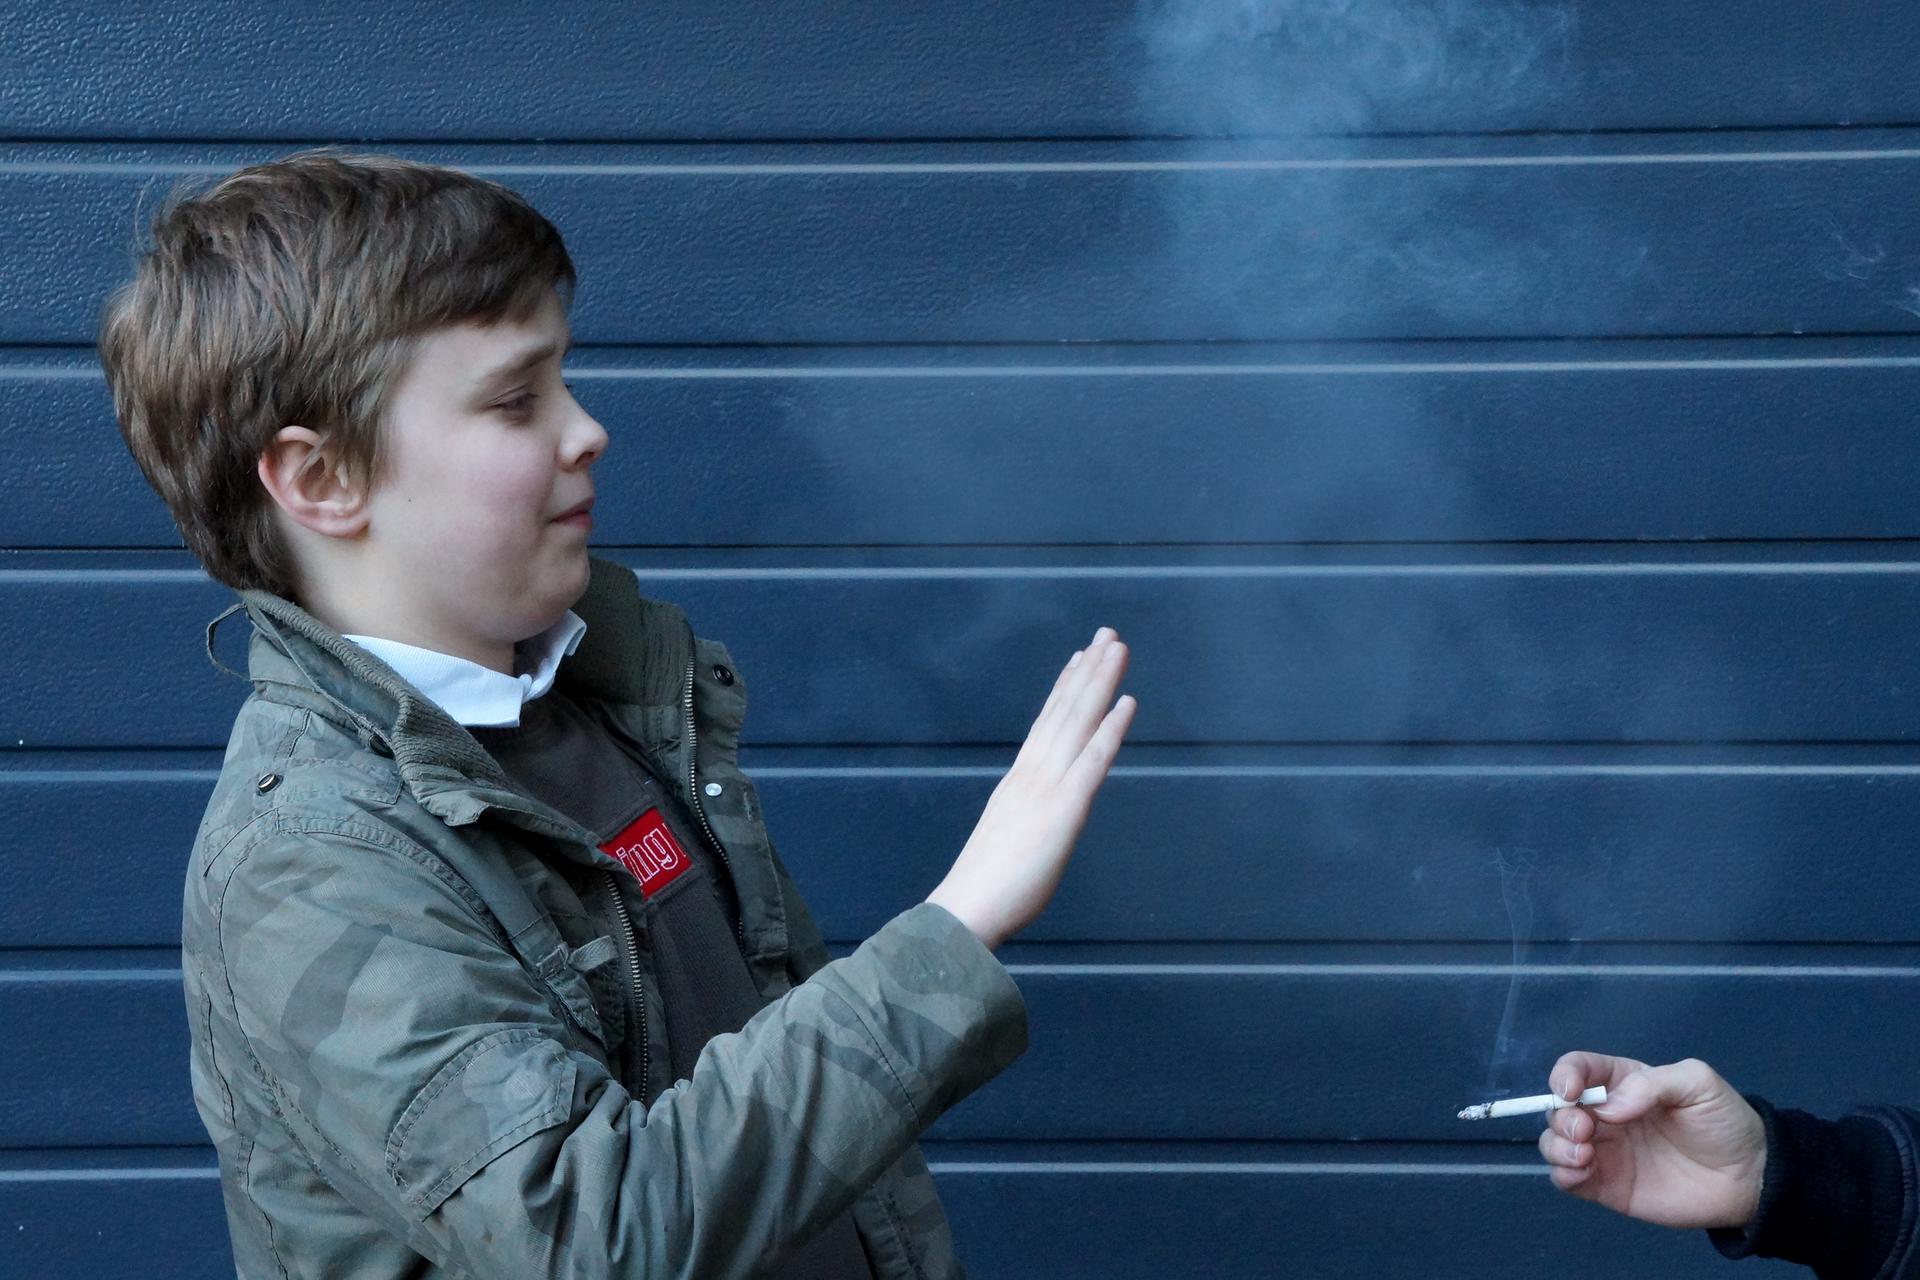 Fotografia przedstawiająca postać młodego człowieka oraz dym papierosowy